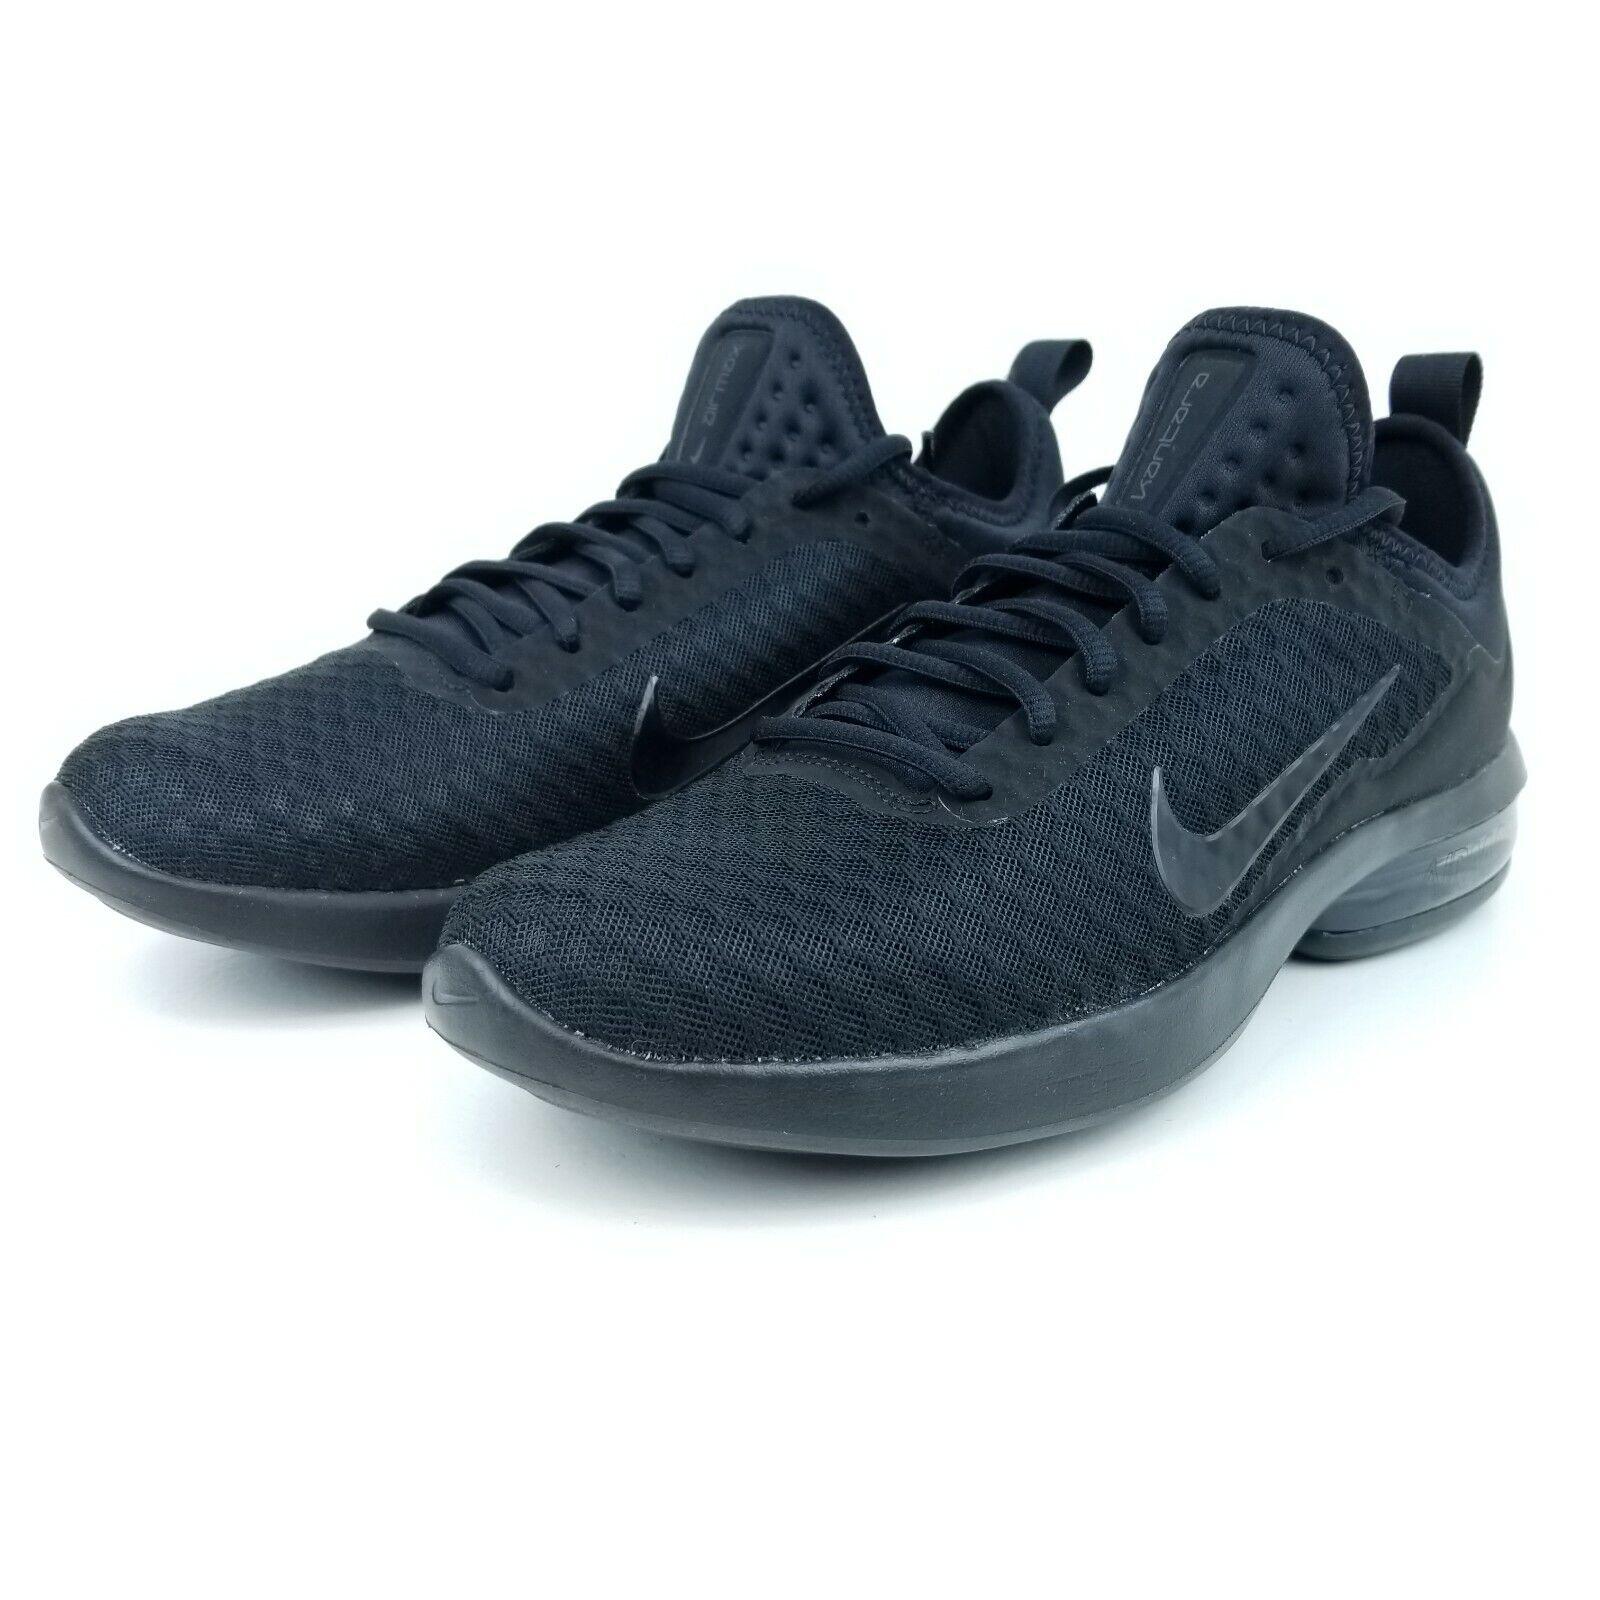 Nike Air Max Kantara Men's Running shoes Black Anthracite 908982 002 NIB Size